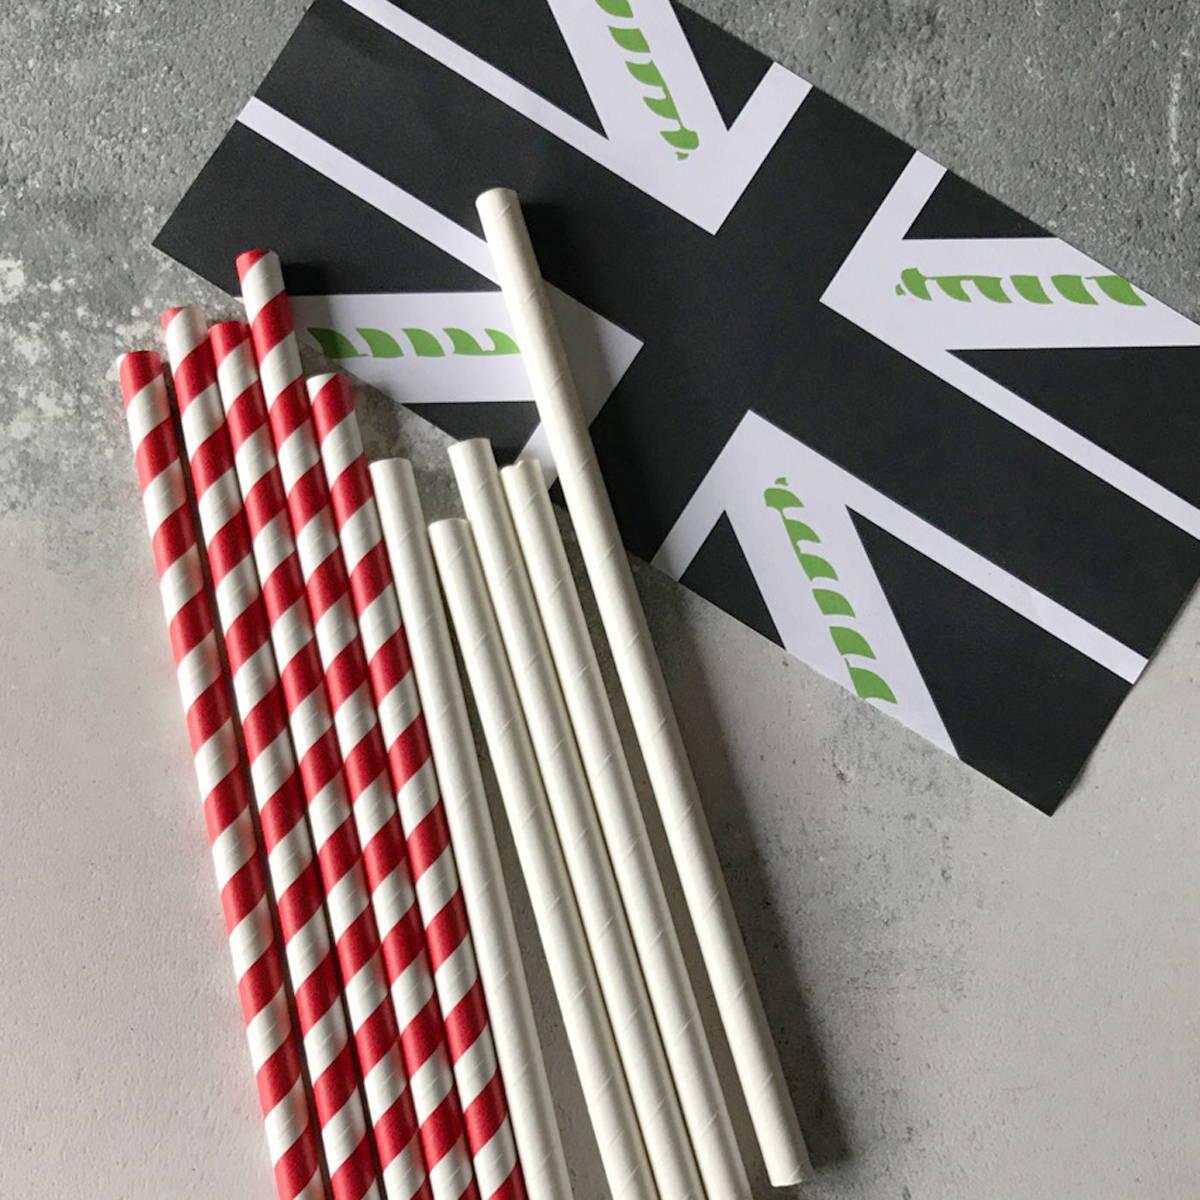 TIPI British Paper Straws - Pallets – Tipi - The Paper Straws Co